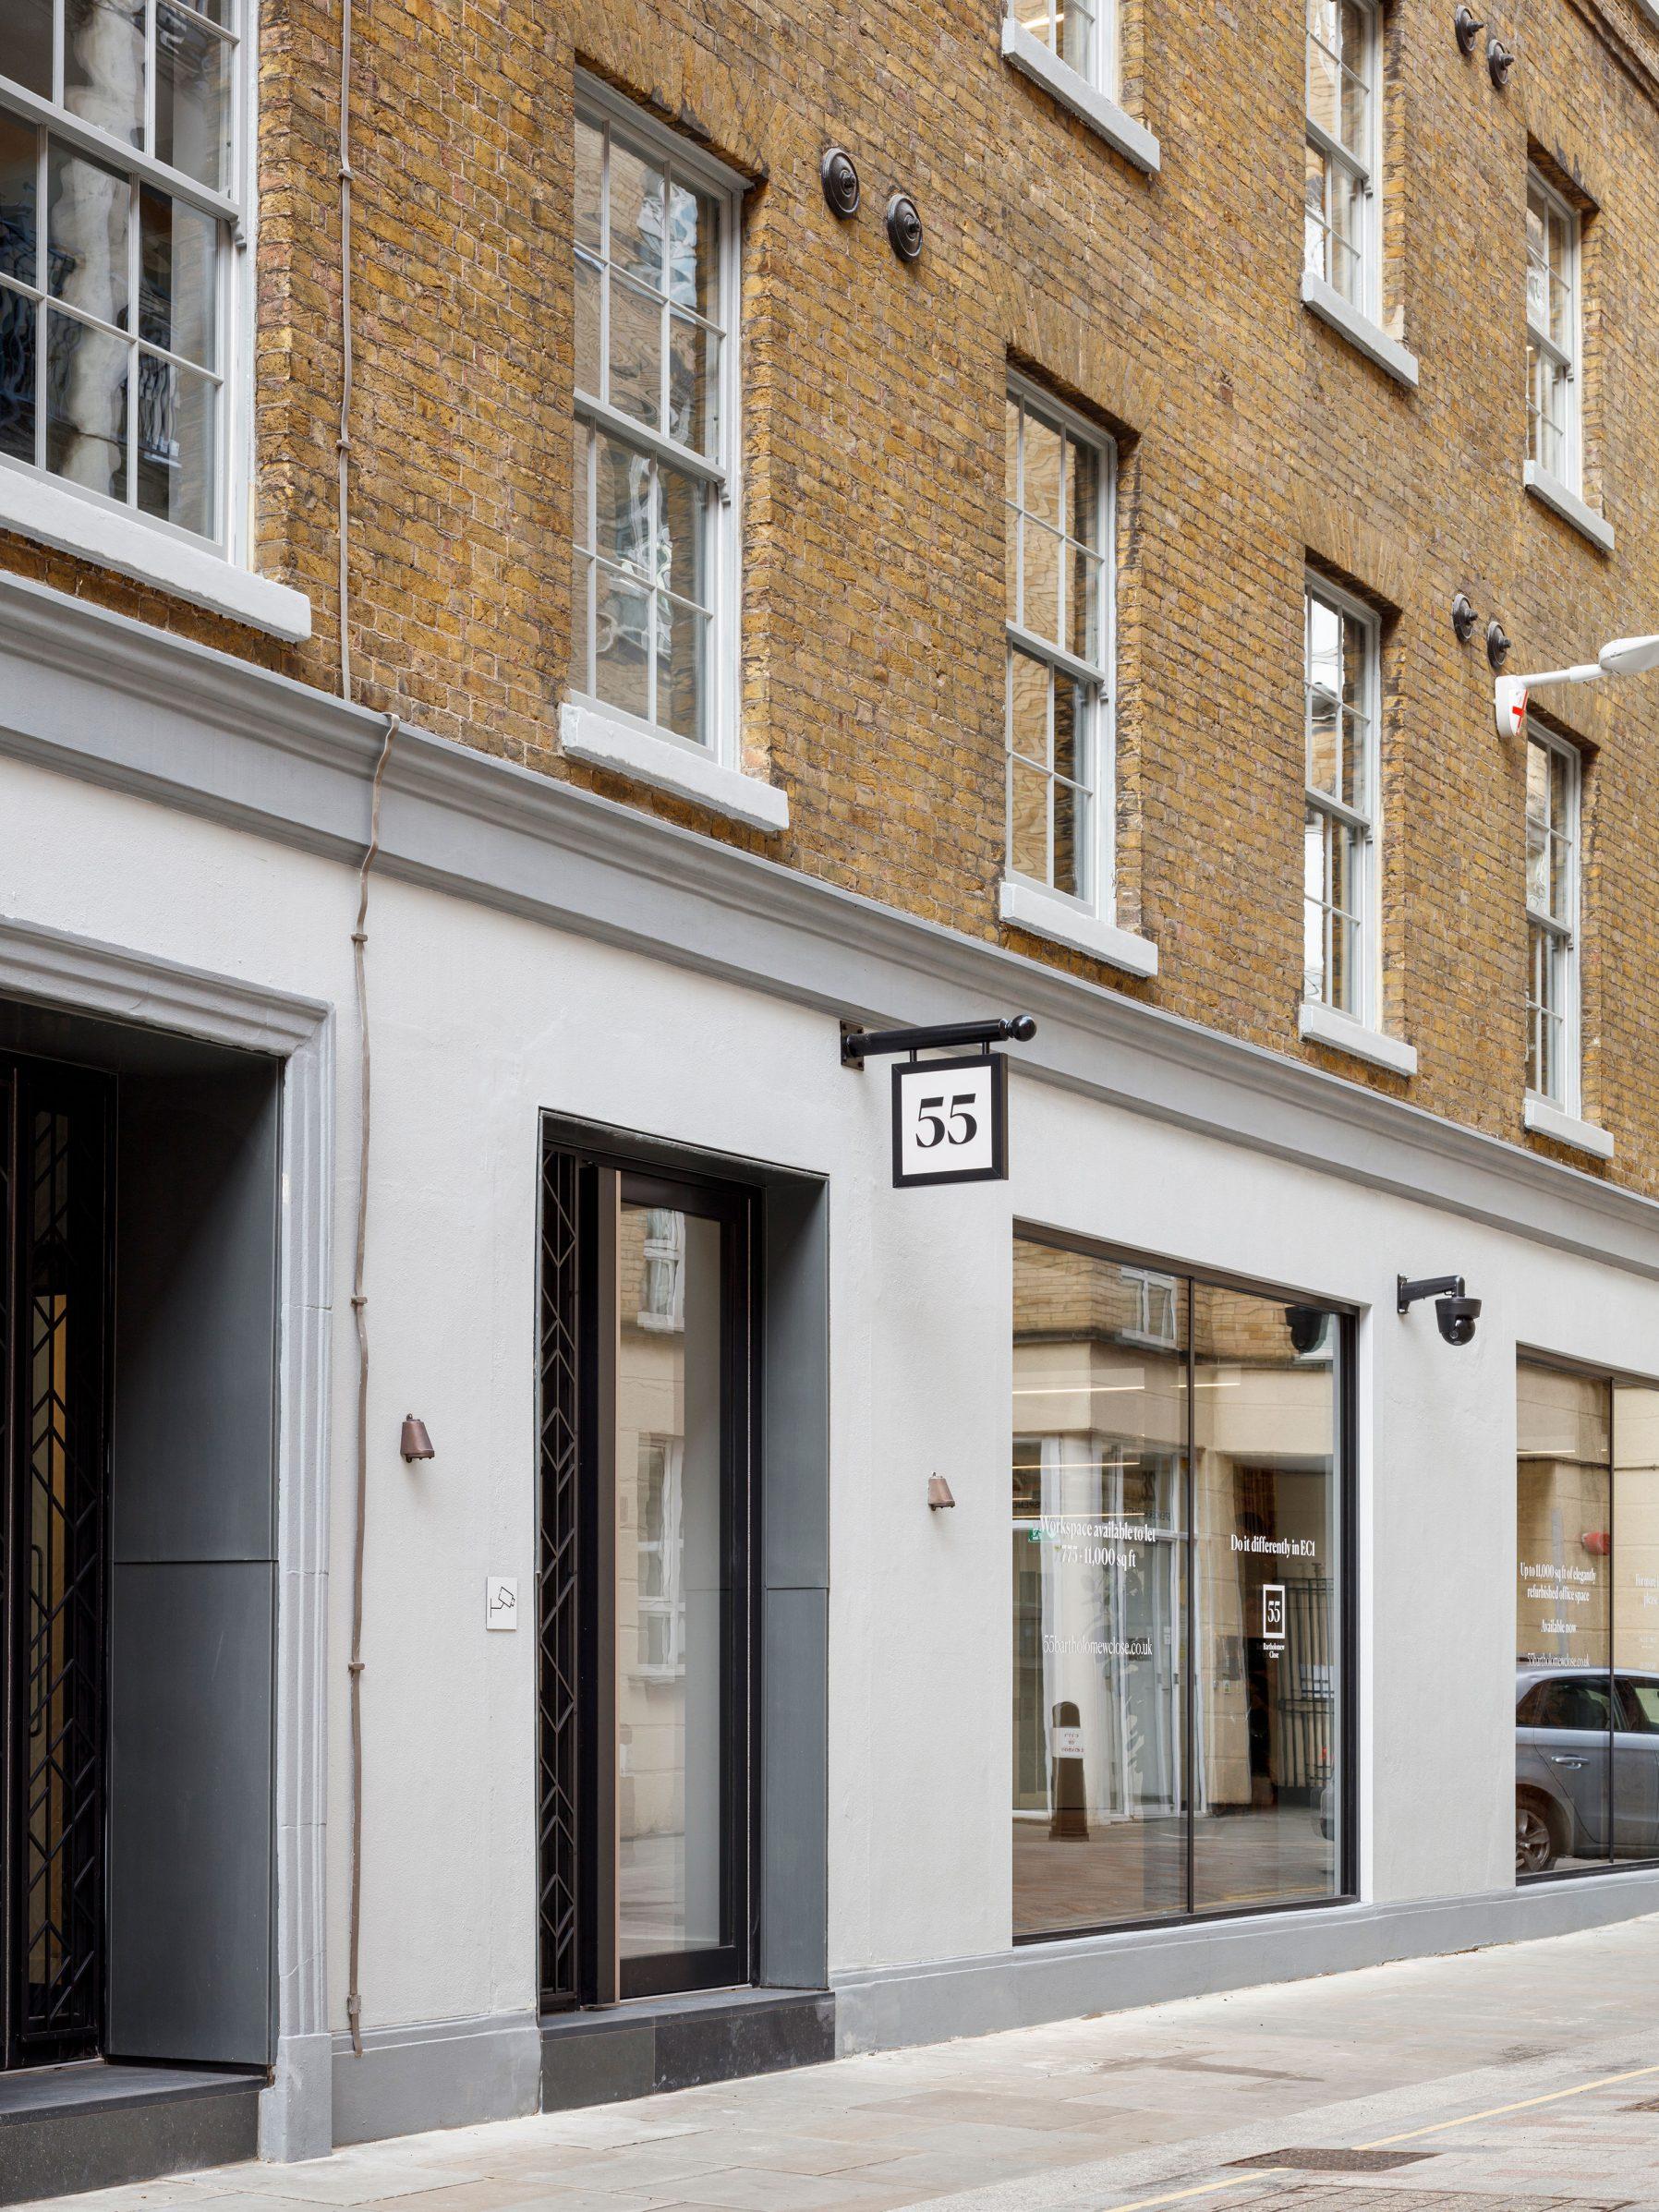 55 Bartholomew Close・London